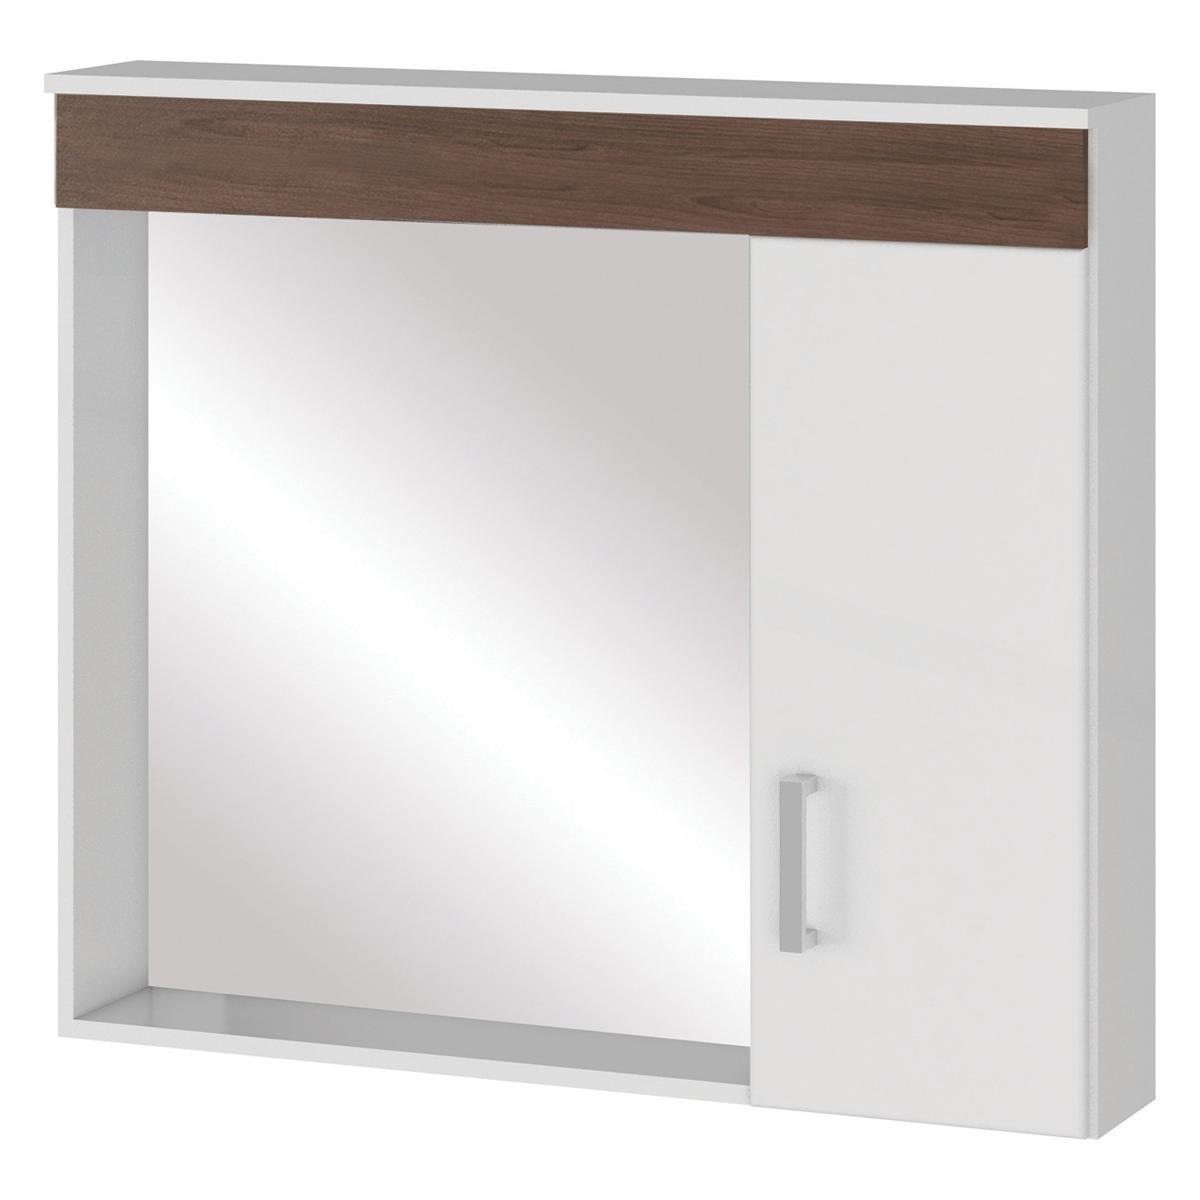 Espelheira para banheiro Madri Branco/Castanho - Mgm